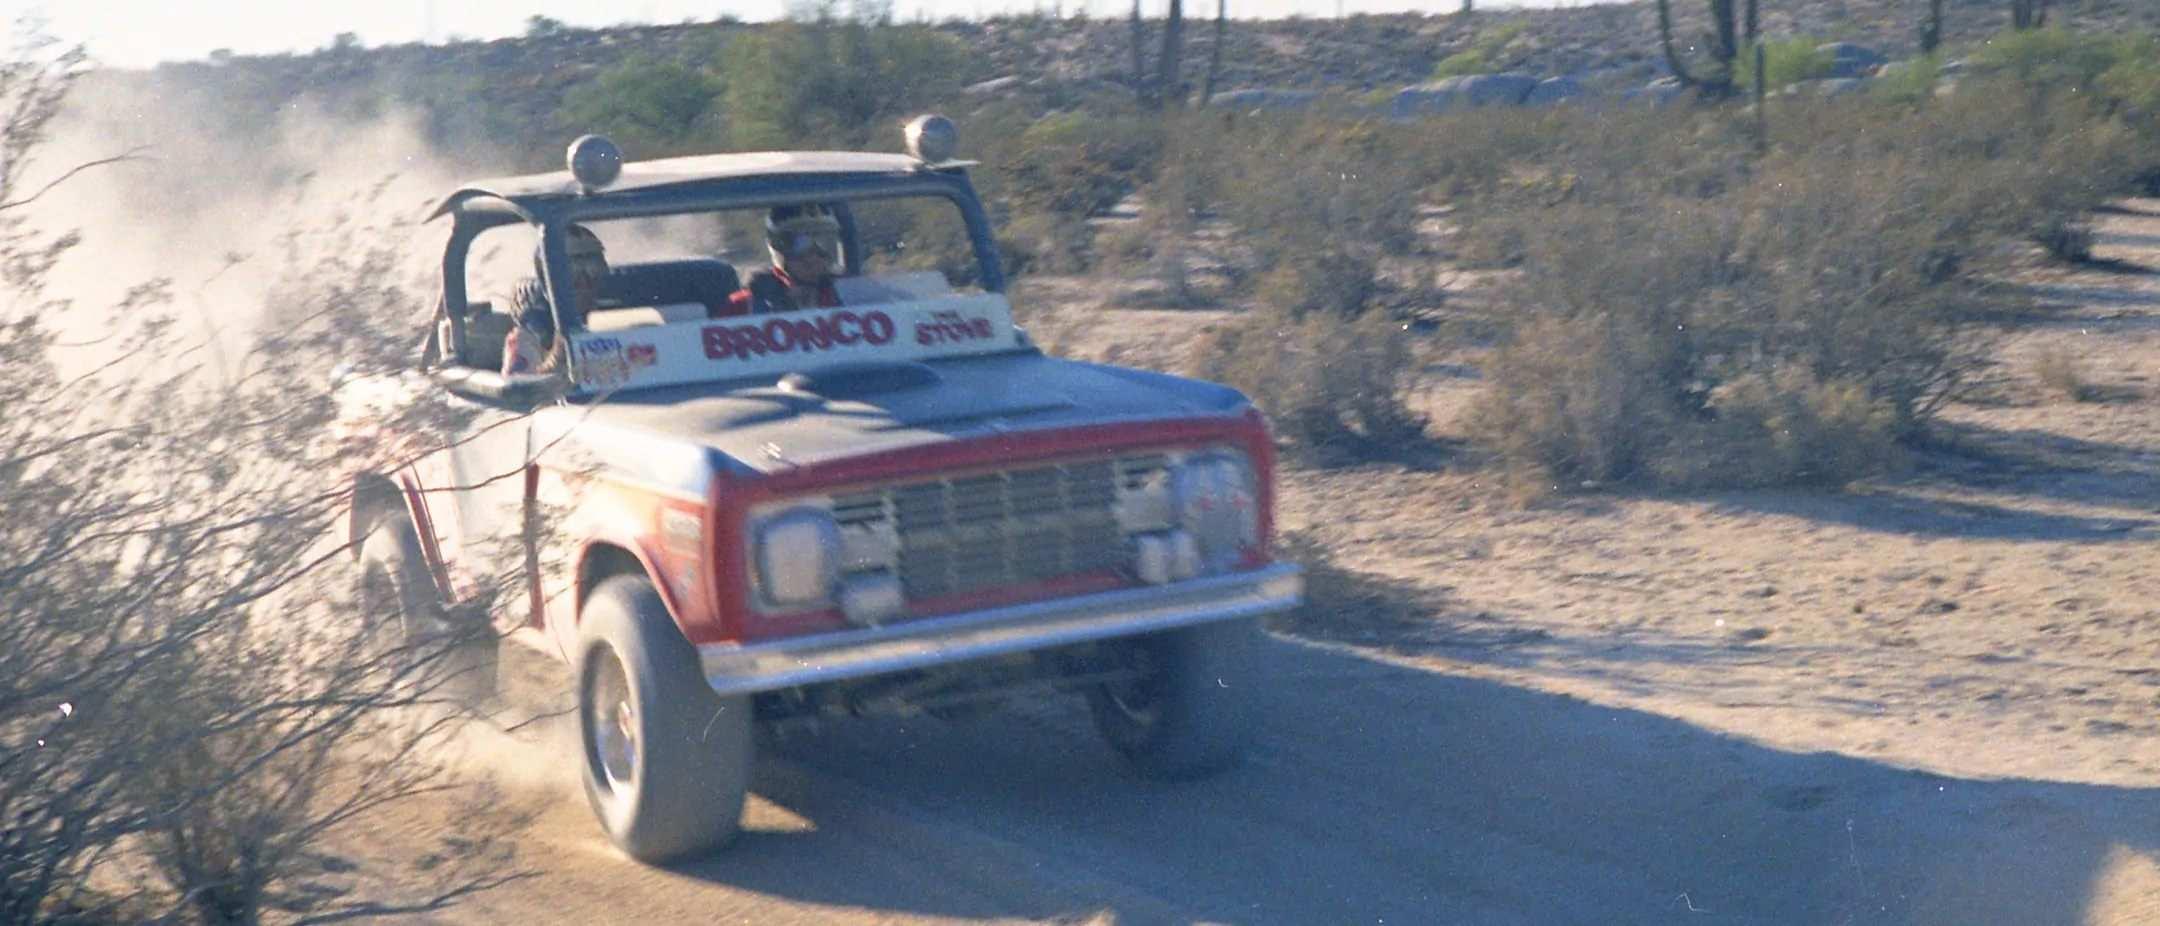 bronco-gen01-1970-racing